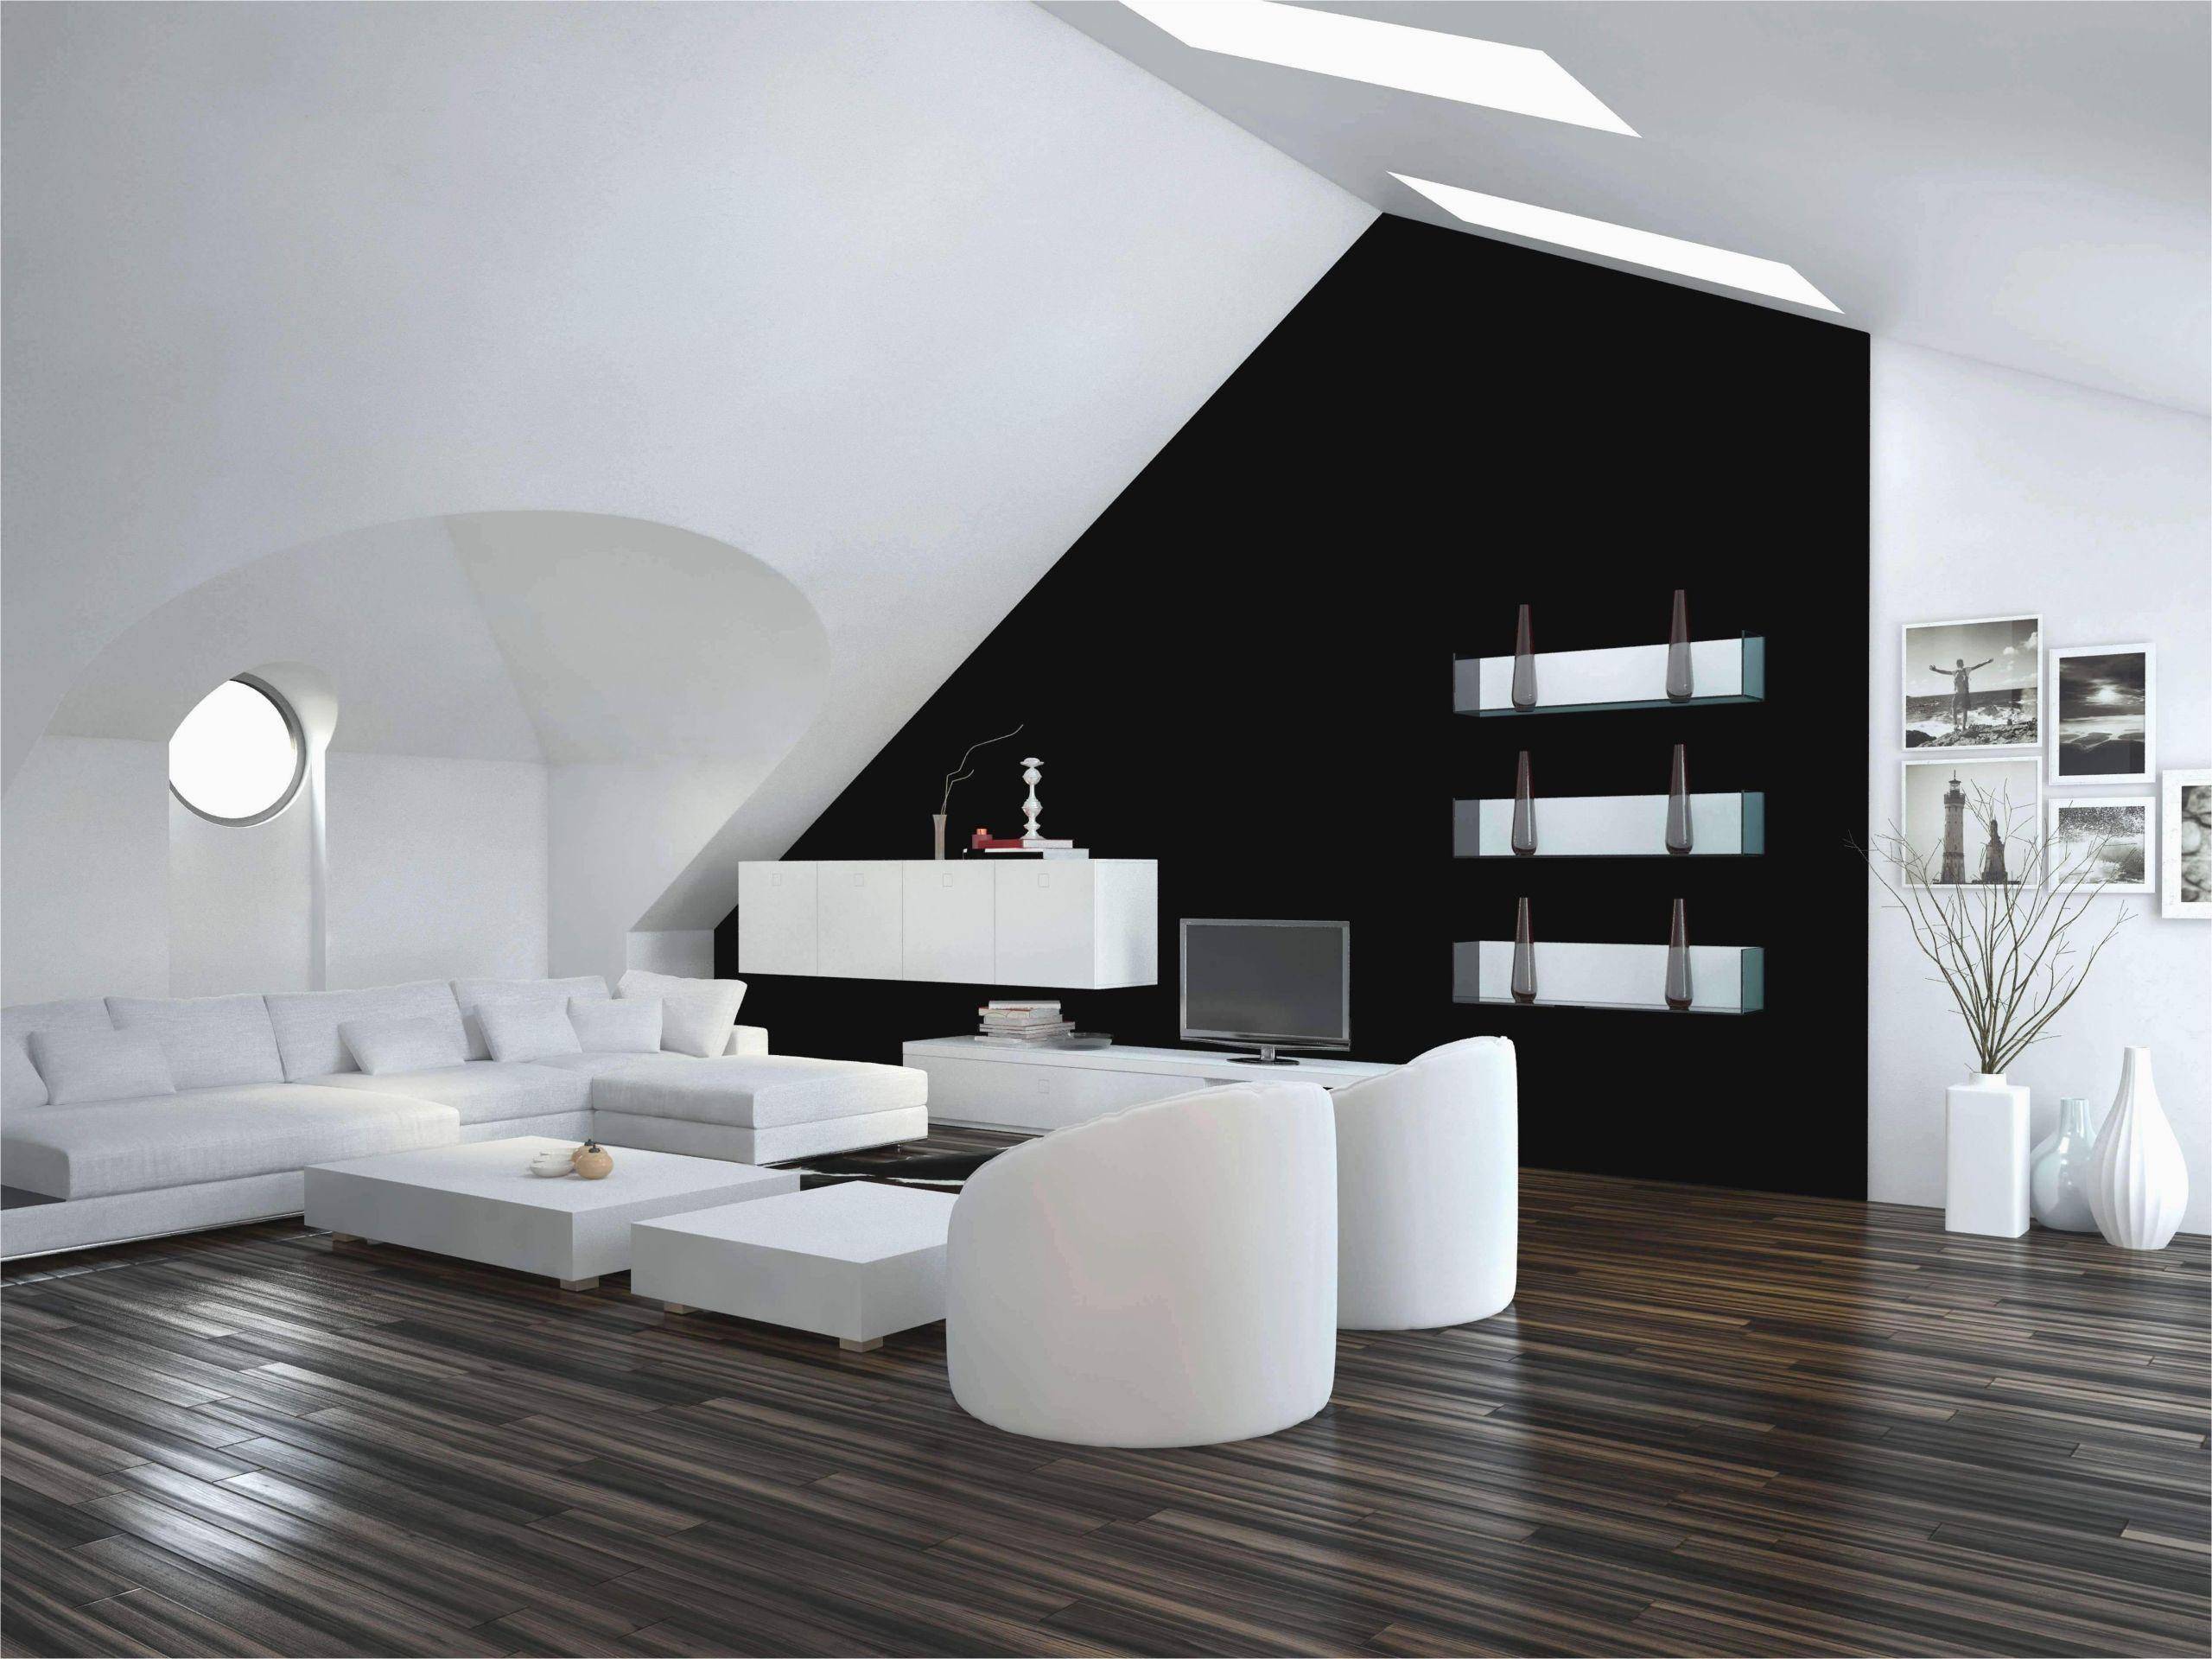 manner wohnzimmer ideen mit einzigartig dekoration wohnzimmer ideen der schonste teil 27 und dekoration wohnzimmer ideen genial wohnzimmer deko ideen aktuelle wohnzimmer ideen 0d archives design of de